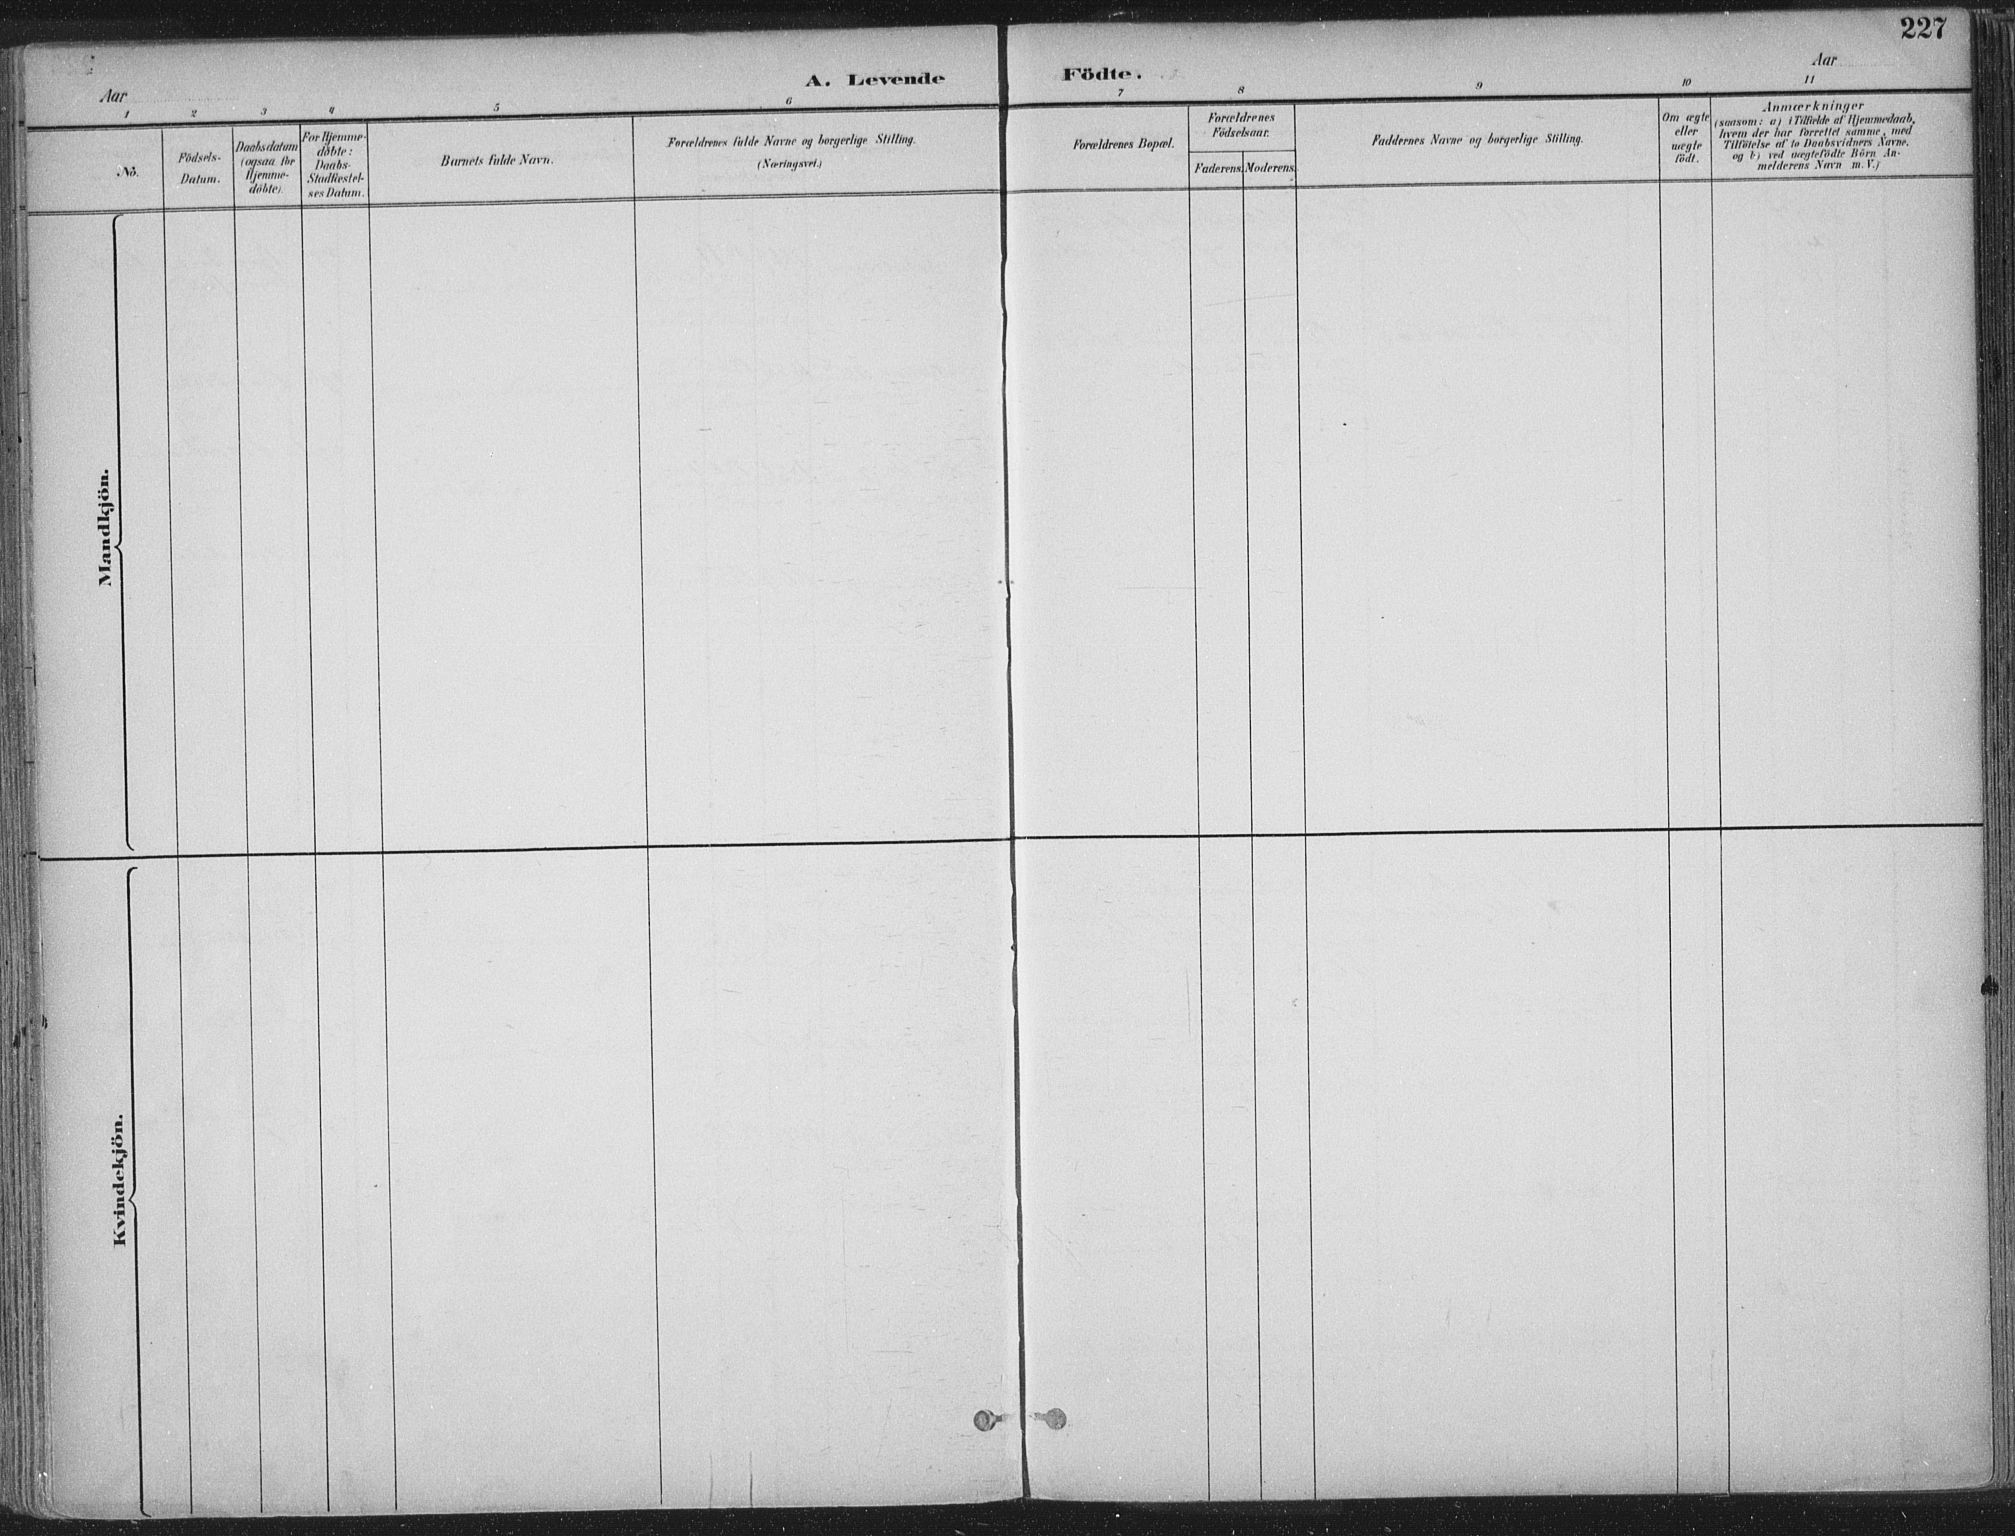 SAT, Ministerialprotokoller, klokkerbøker og fødselsregistre - Sør-Trøndelag, 601/L0062: Ministerialbok nr. 601A30, 1891-1911, s. 227